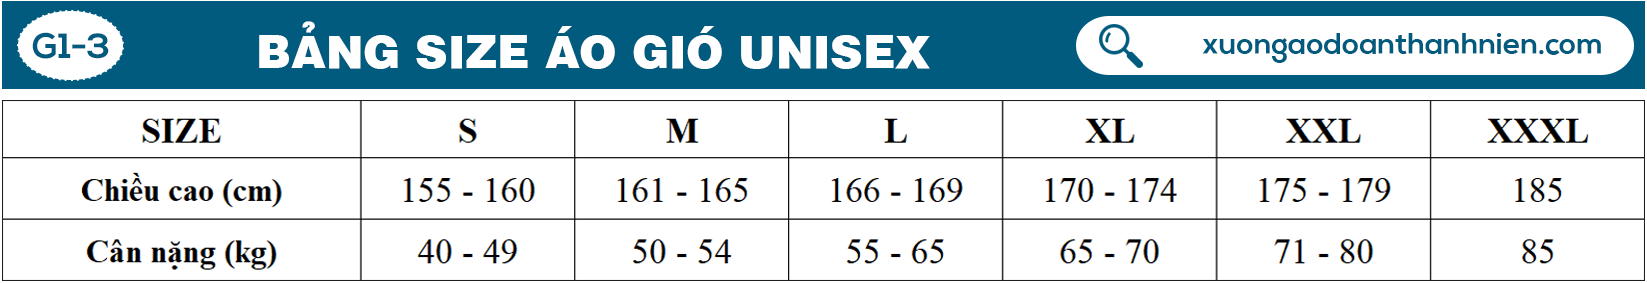 Bang size ao gio unisex G1 3